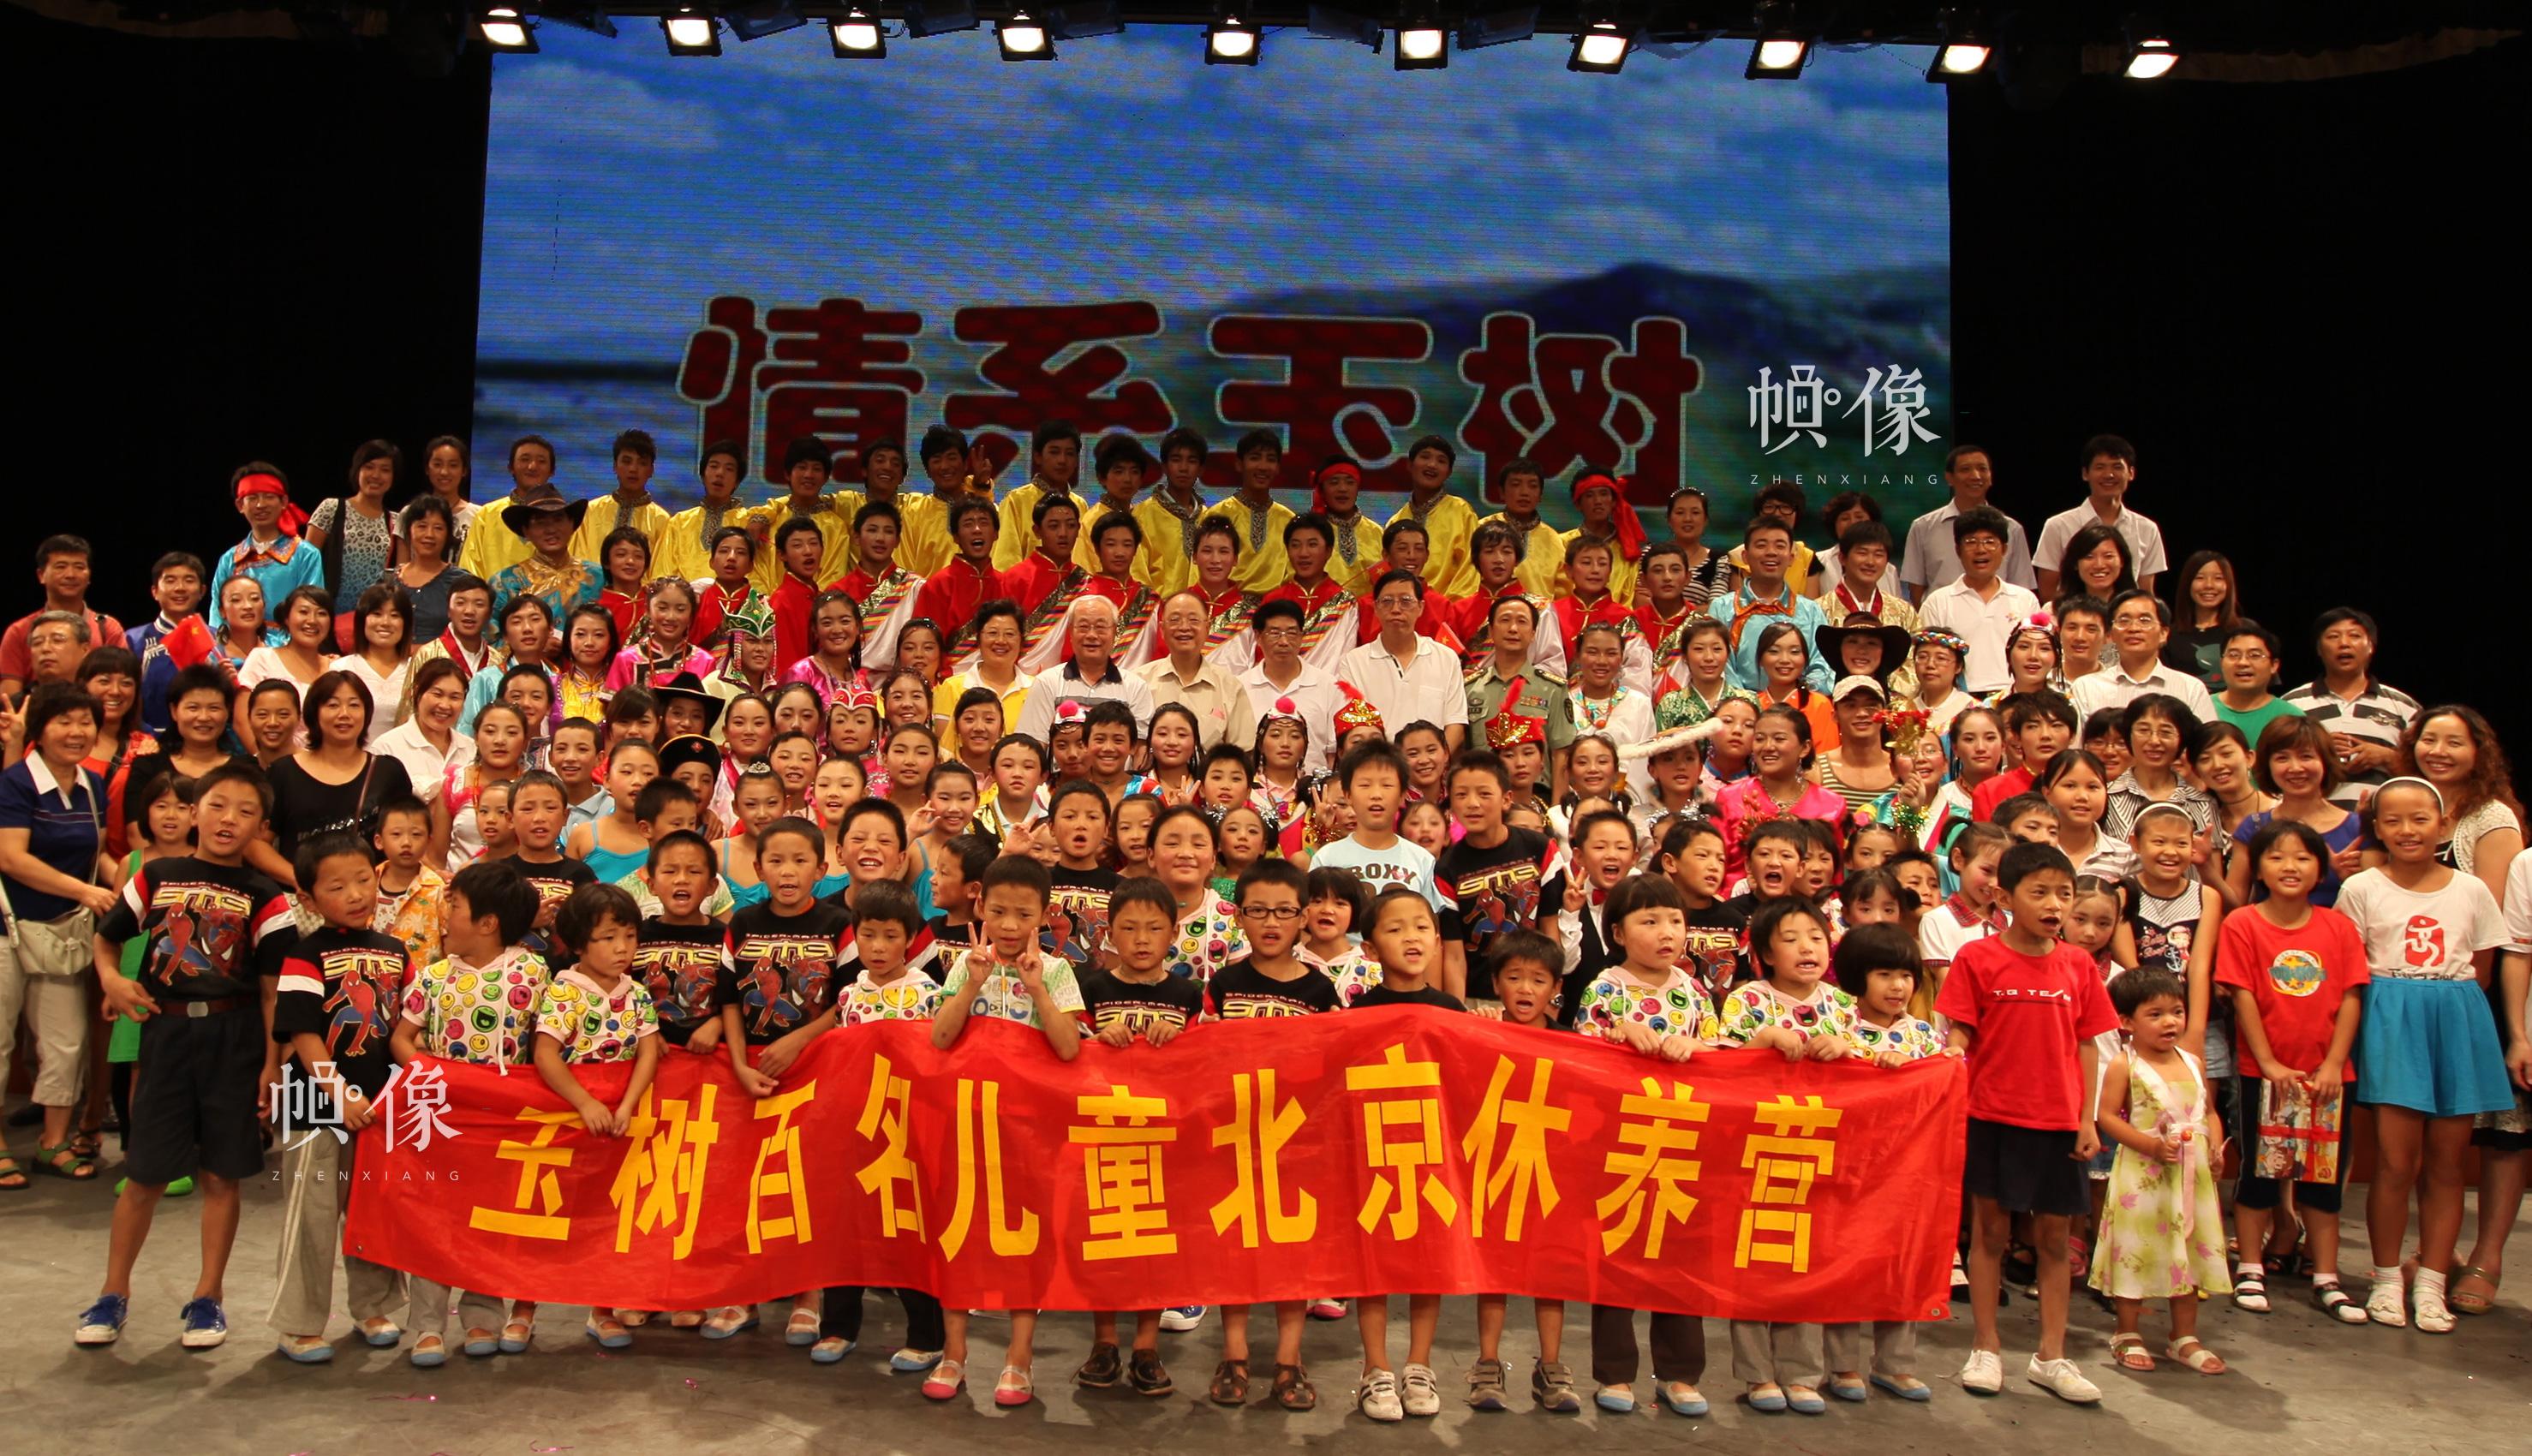 """2010年,北京,玉树发生地震第一时间中华少年儿童慈善救助基金会益童成长中心从灾区接到北京102名儿童,并成立为期三个月""""百名玉树儿童休养营"""",推出""""玉树百名孤儿成长救助项目""""。(北京益童成长中心供图)"""